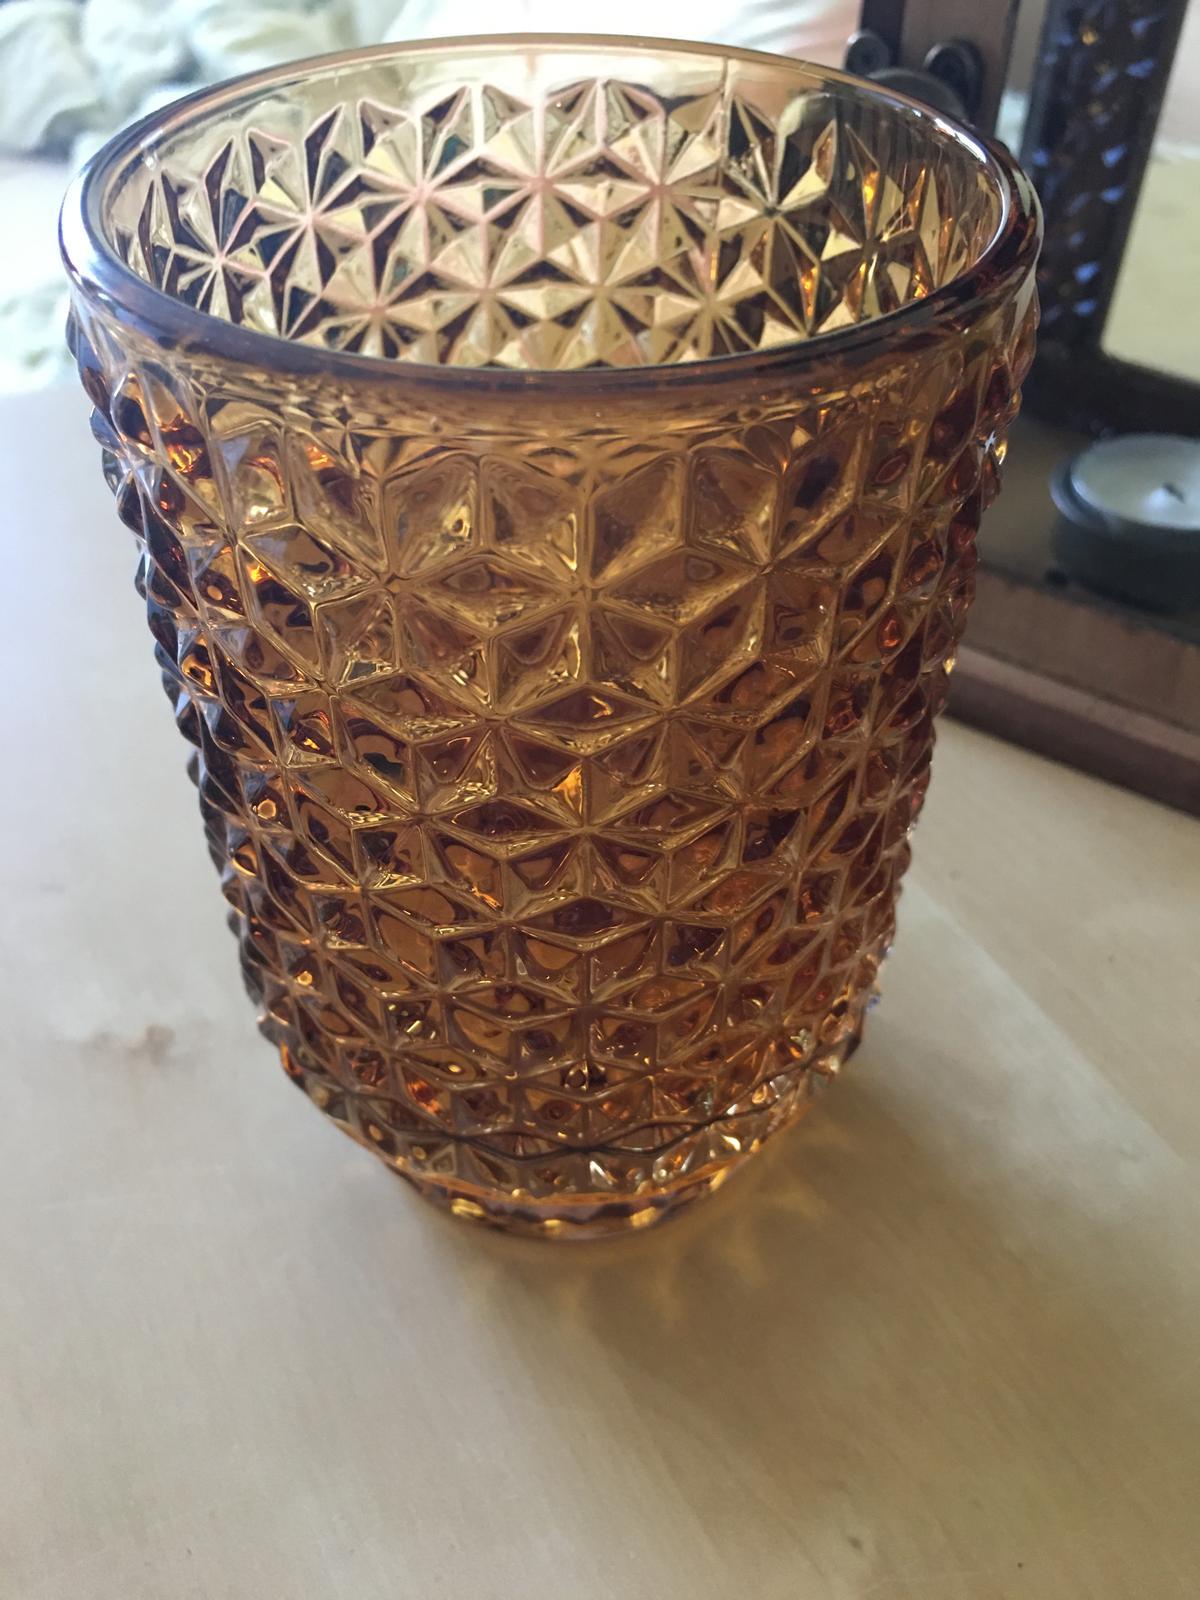 skleněnà broušená váza/svícen - Obrázek č. 1